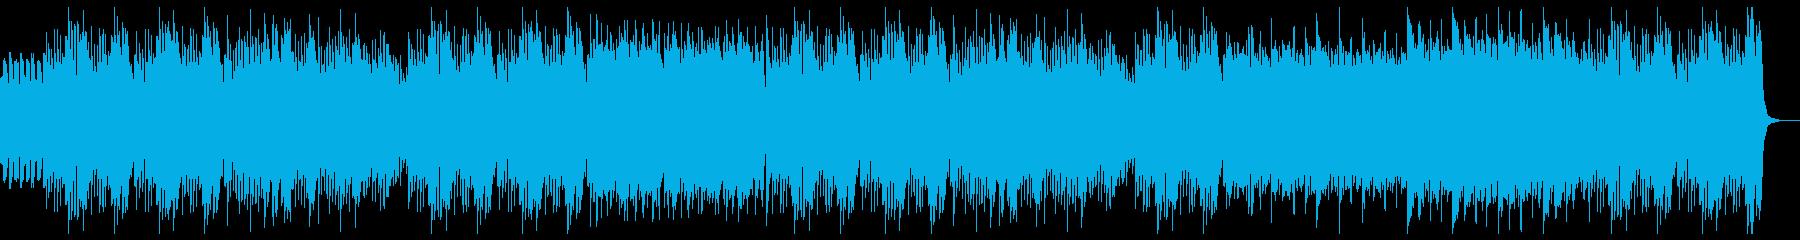 明るく楽しいキッズピアノ:ピアノのみの再生済みの波形